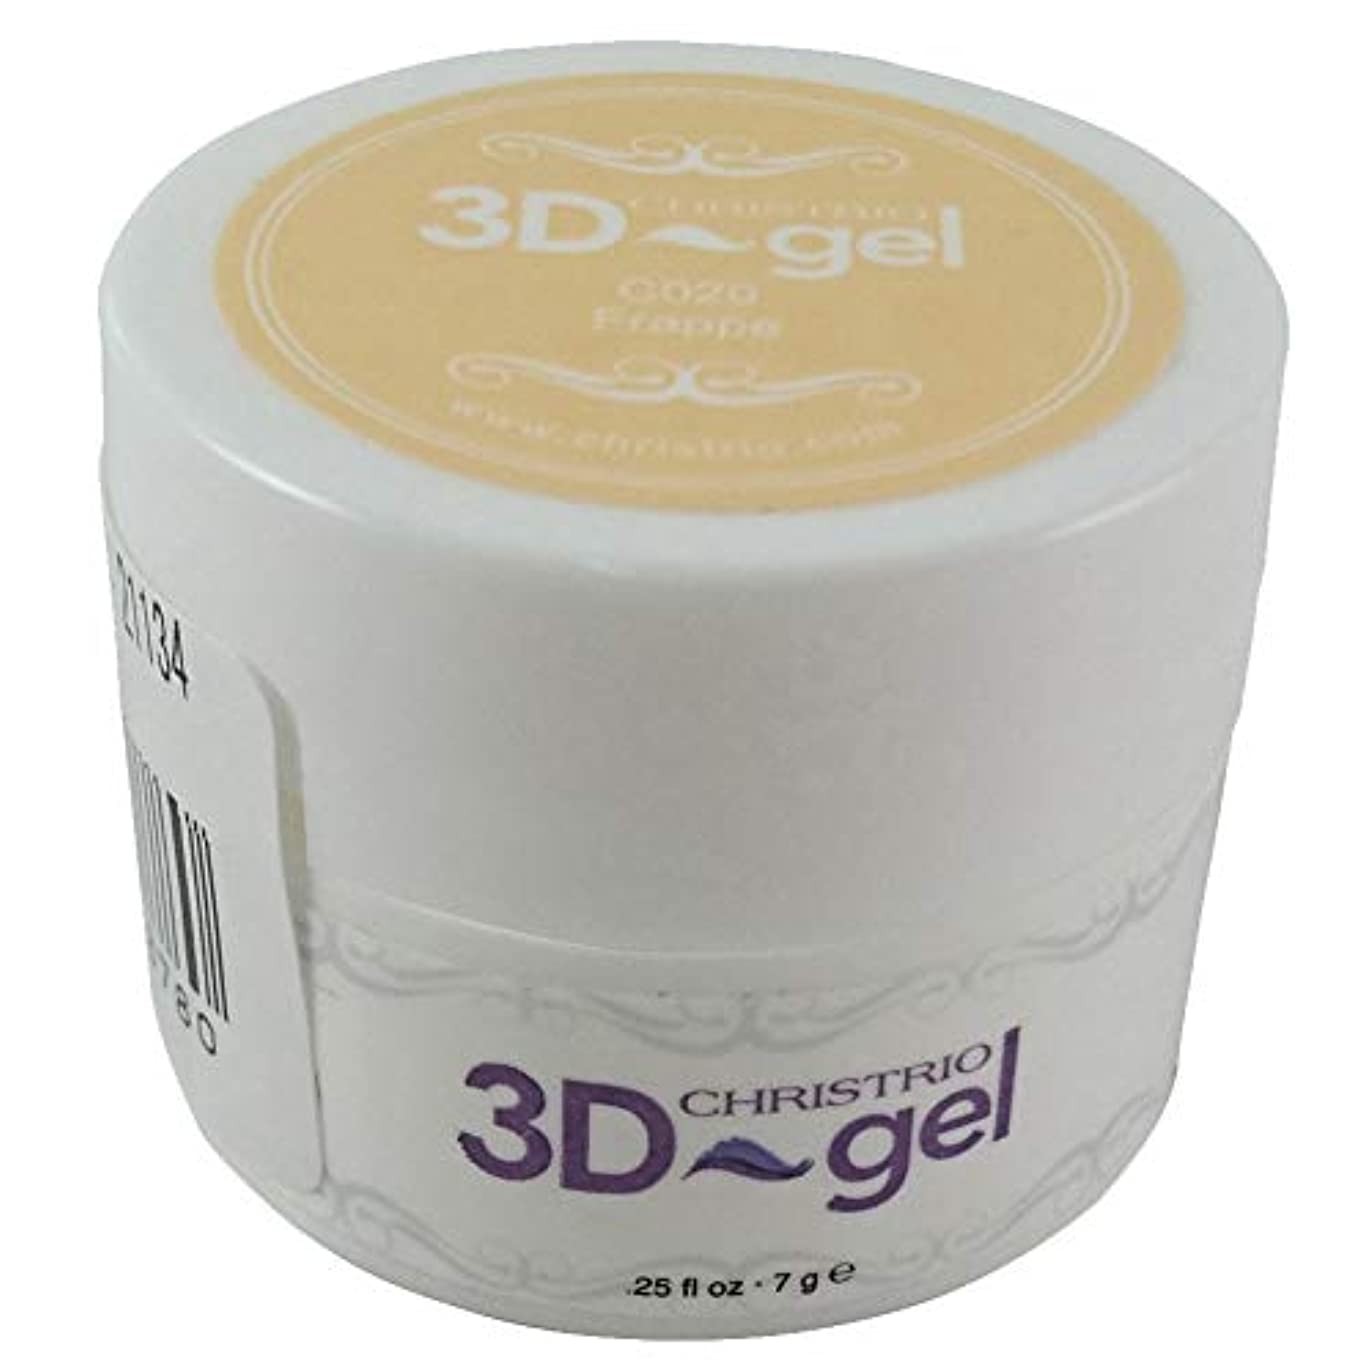 コマースベイビーミルクCHRISTRIO 3Dジェル 7g C020 フラッペ